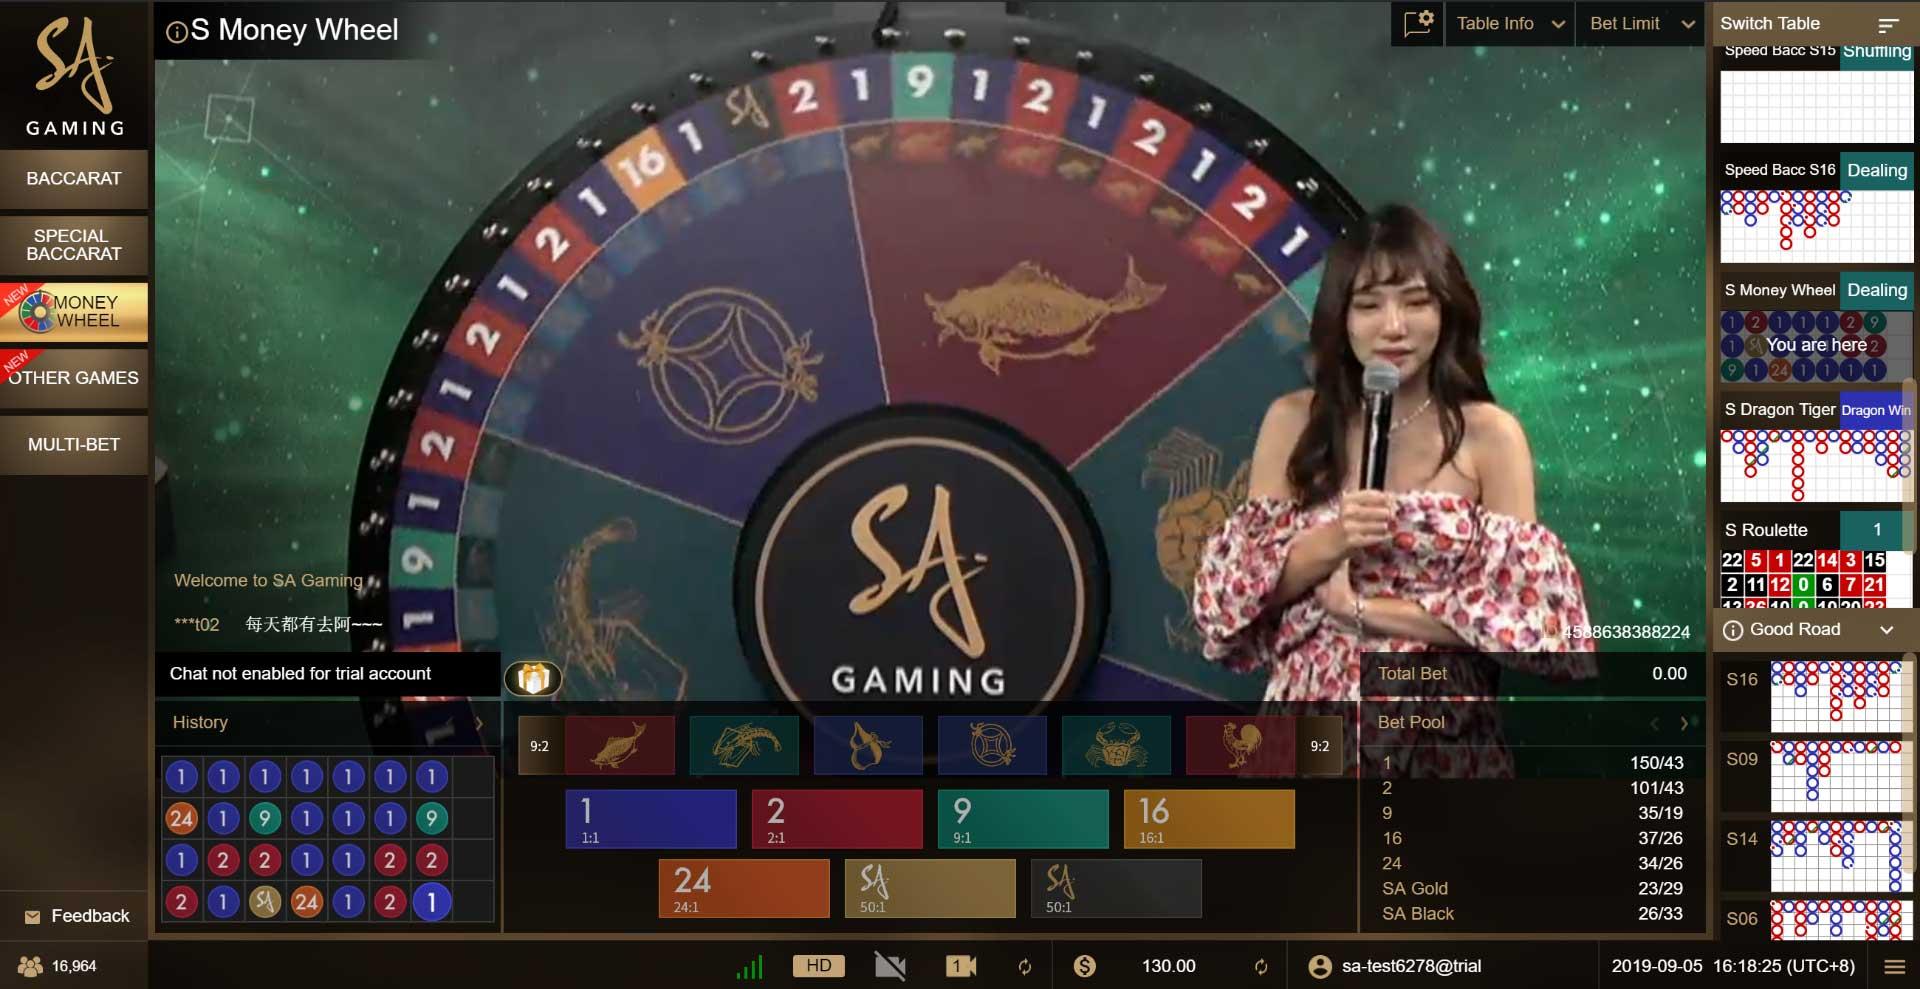 หน้าการเล่น ล้อมหาโชค SA Gaming